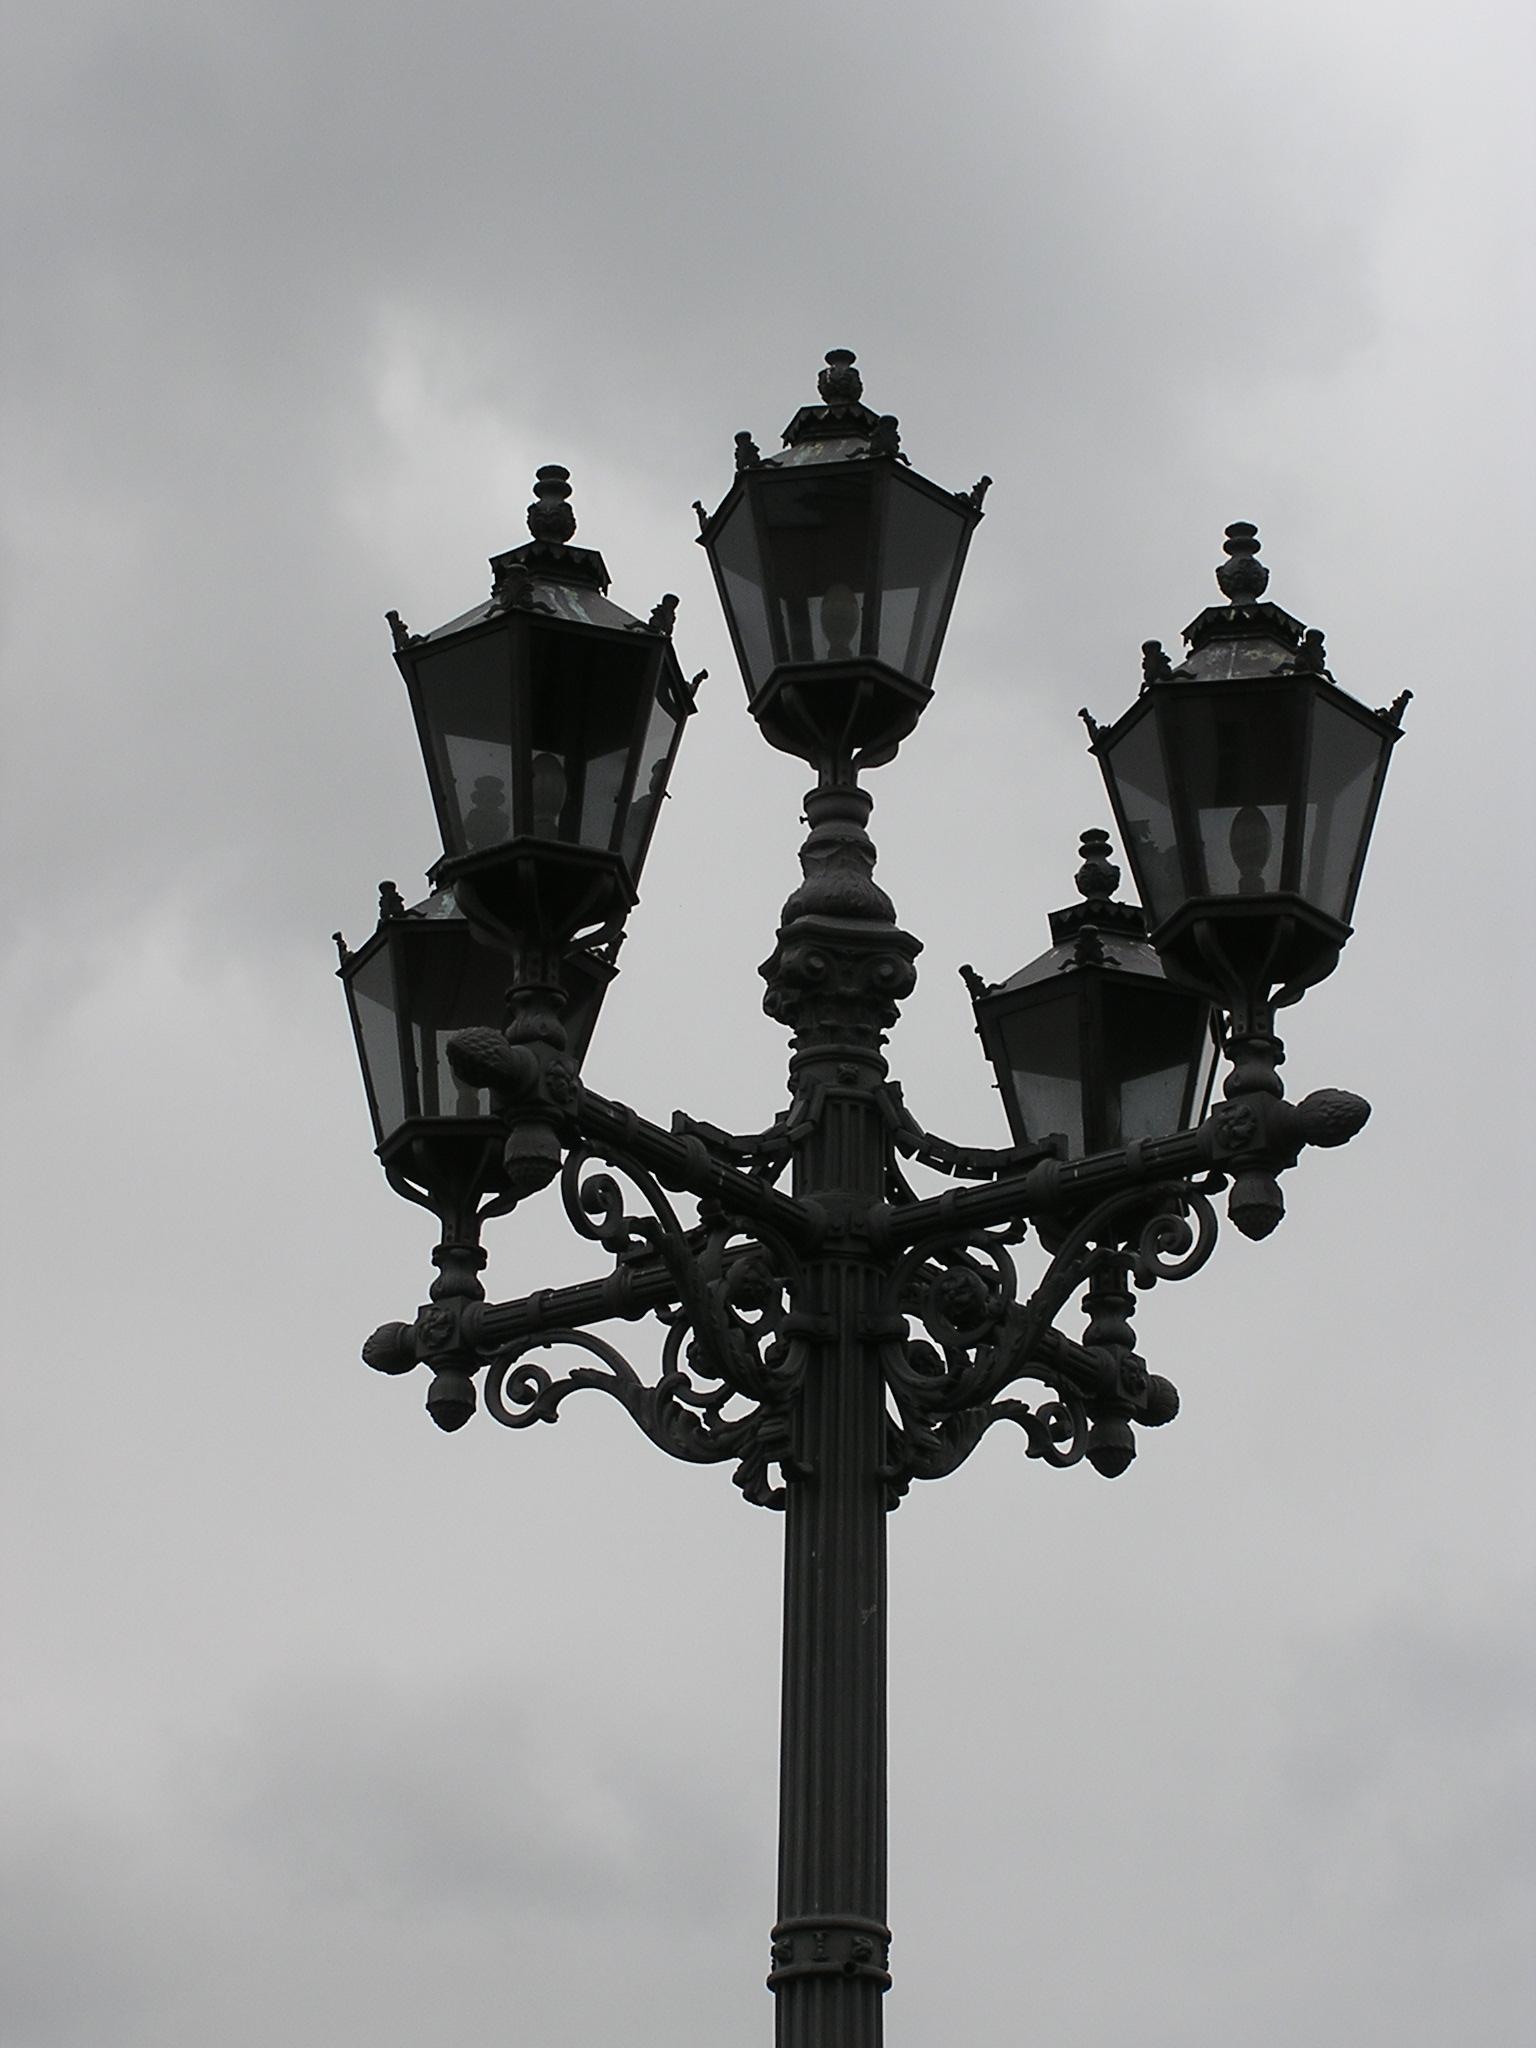 Санкт-Петербург 033.jpg